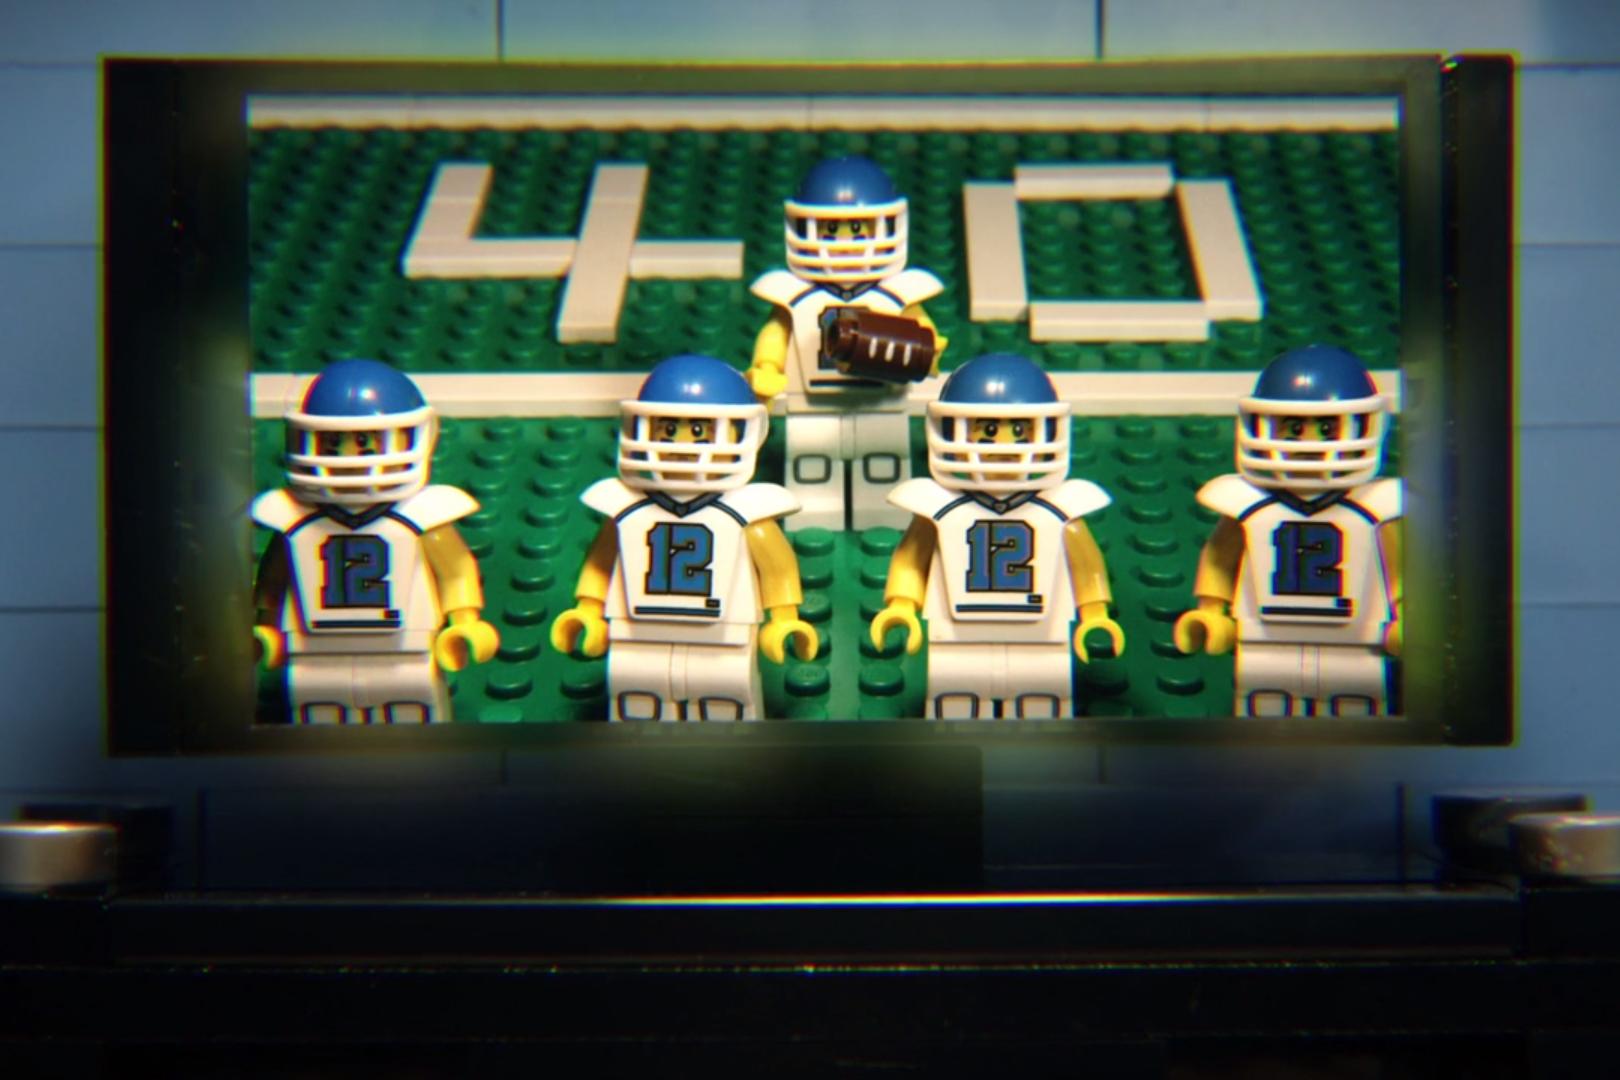 Super Bowl XLIX Commercials in LEGO